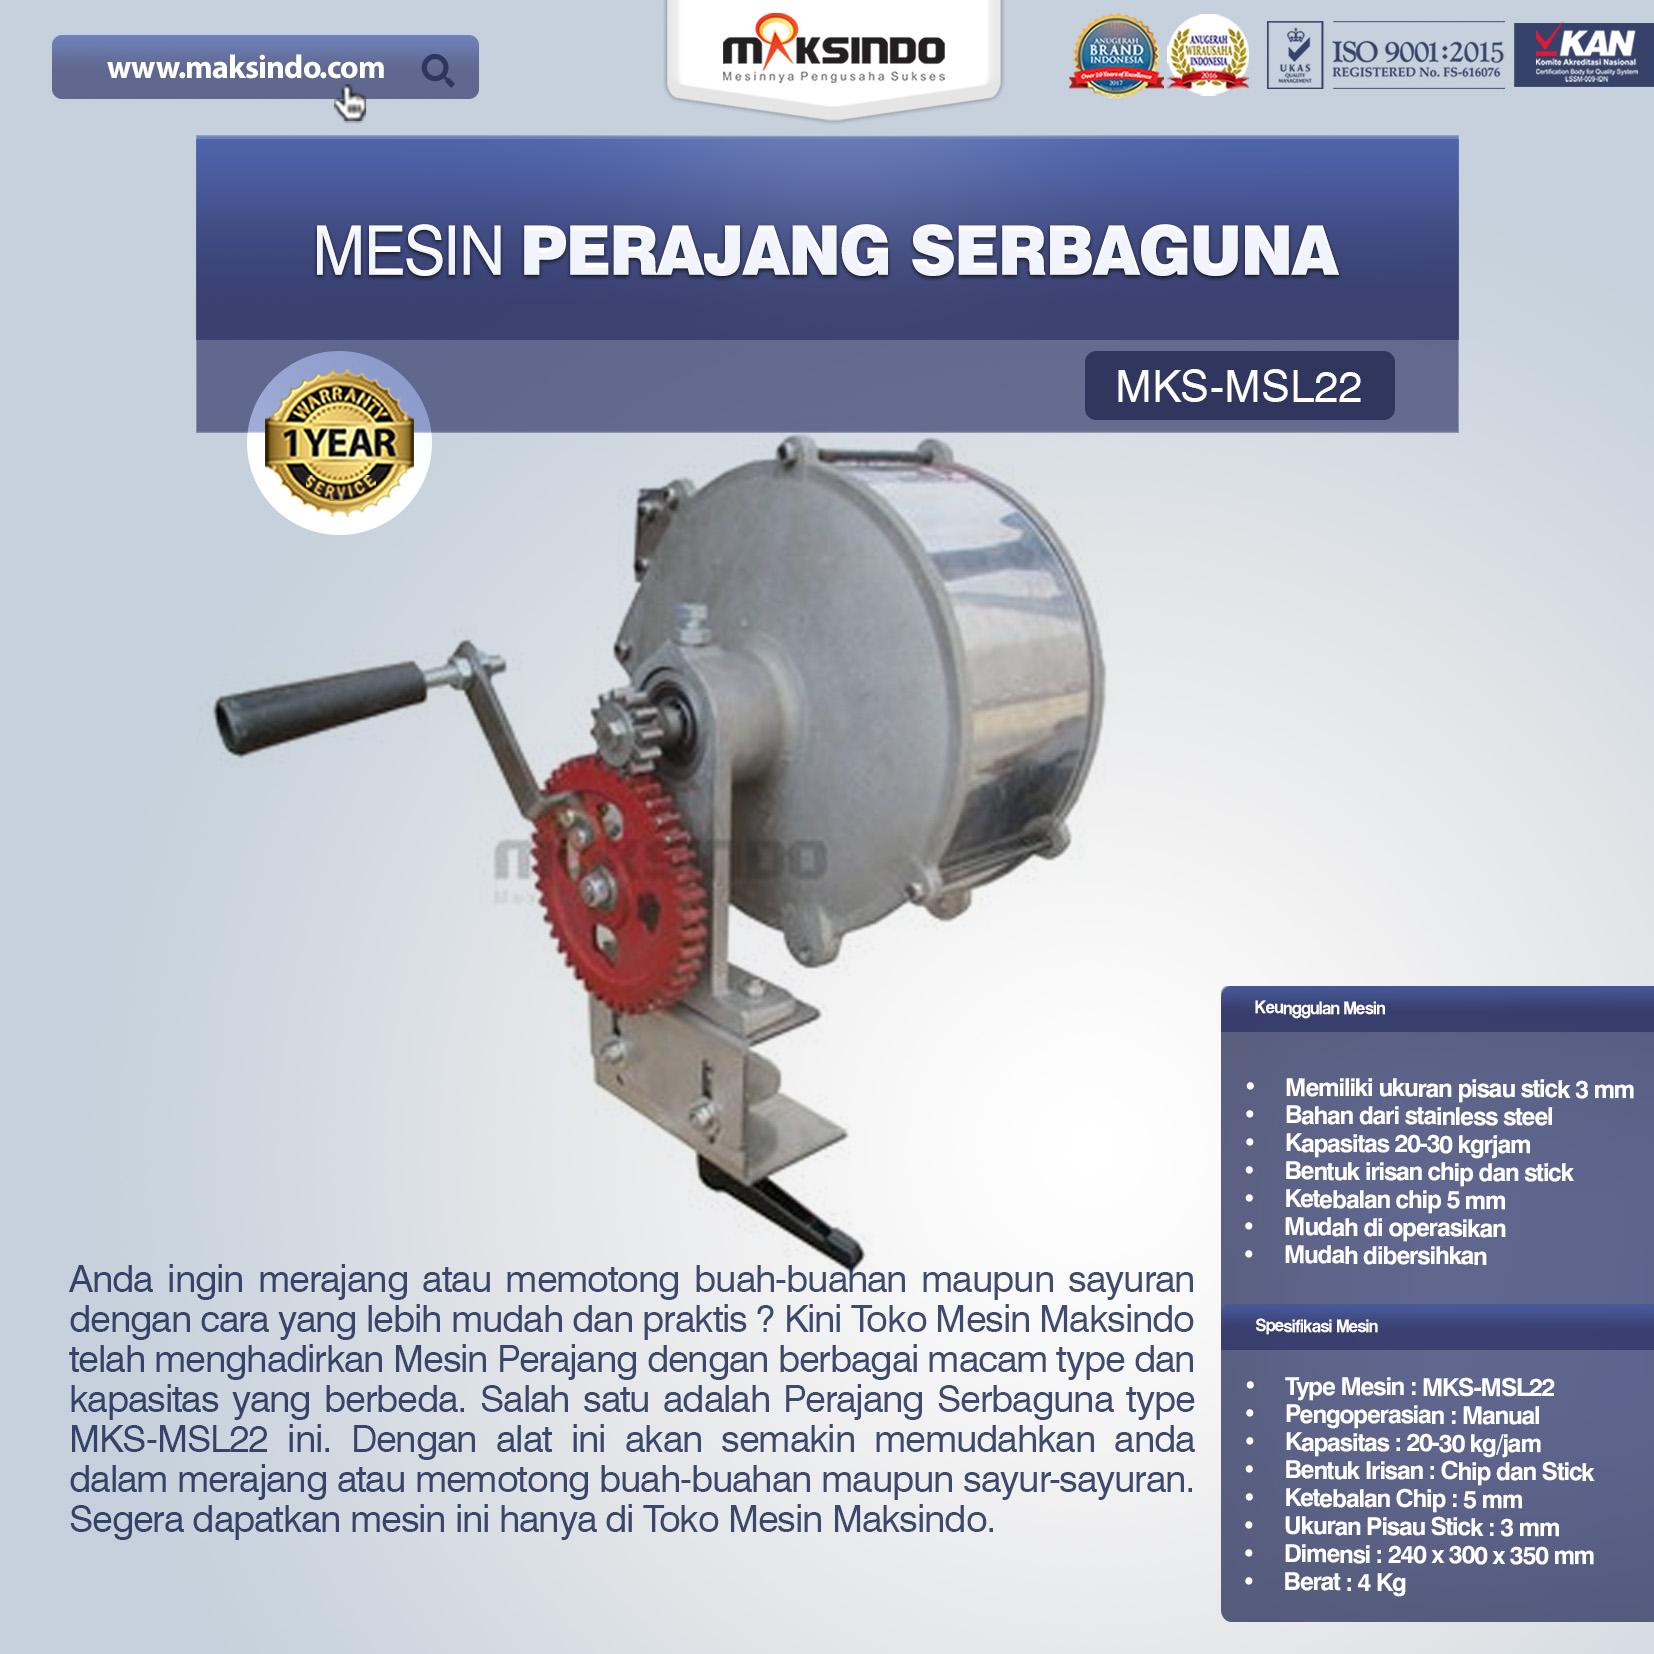 Jual Perajang Serbaguna MKS-MSL22 di Bekasi